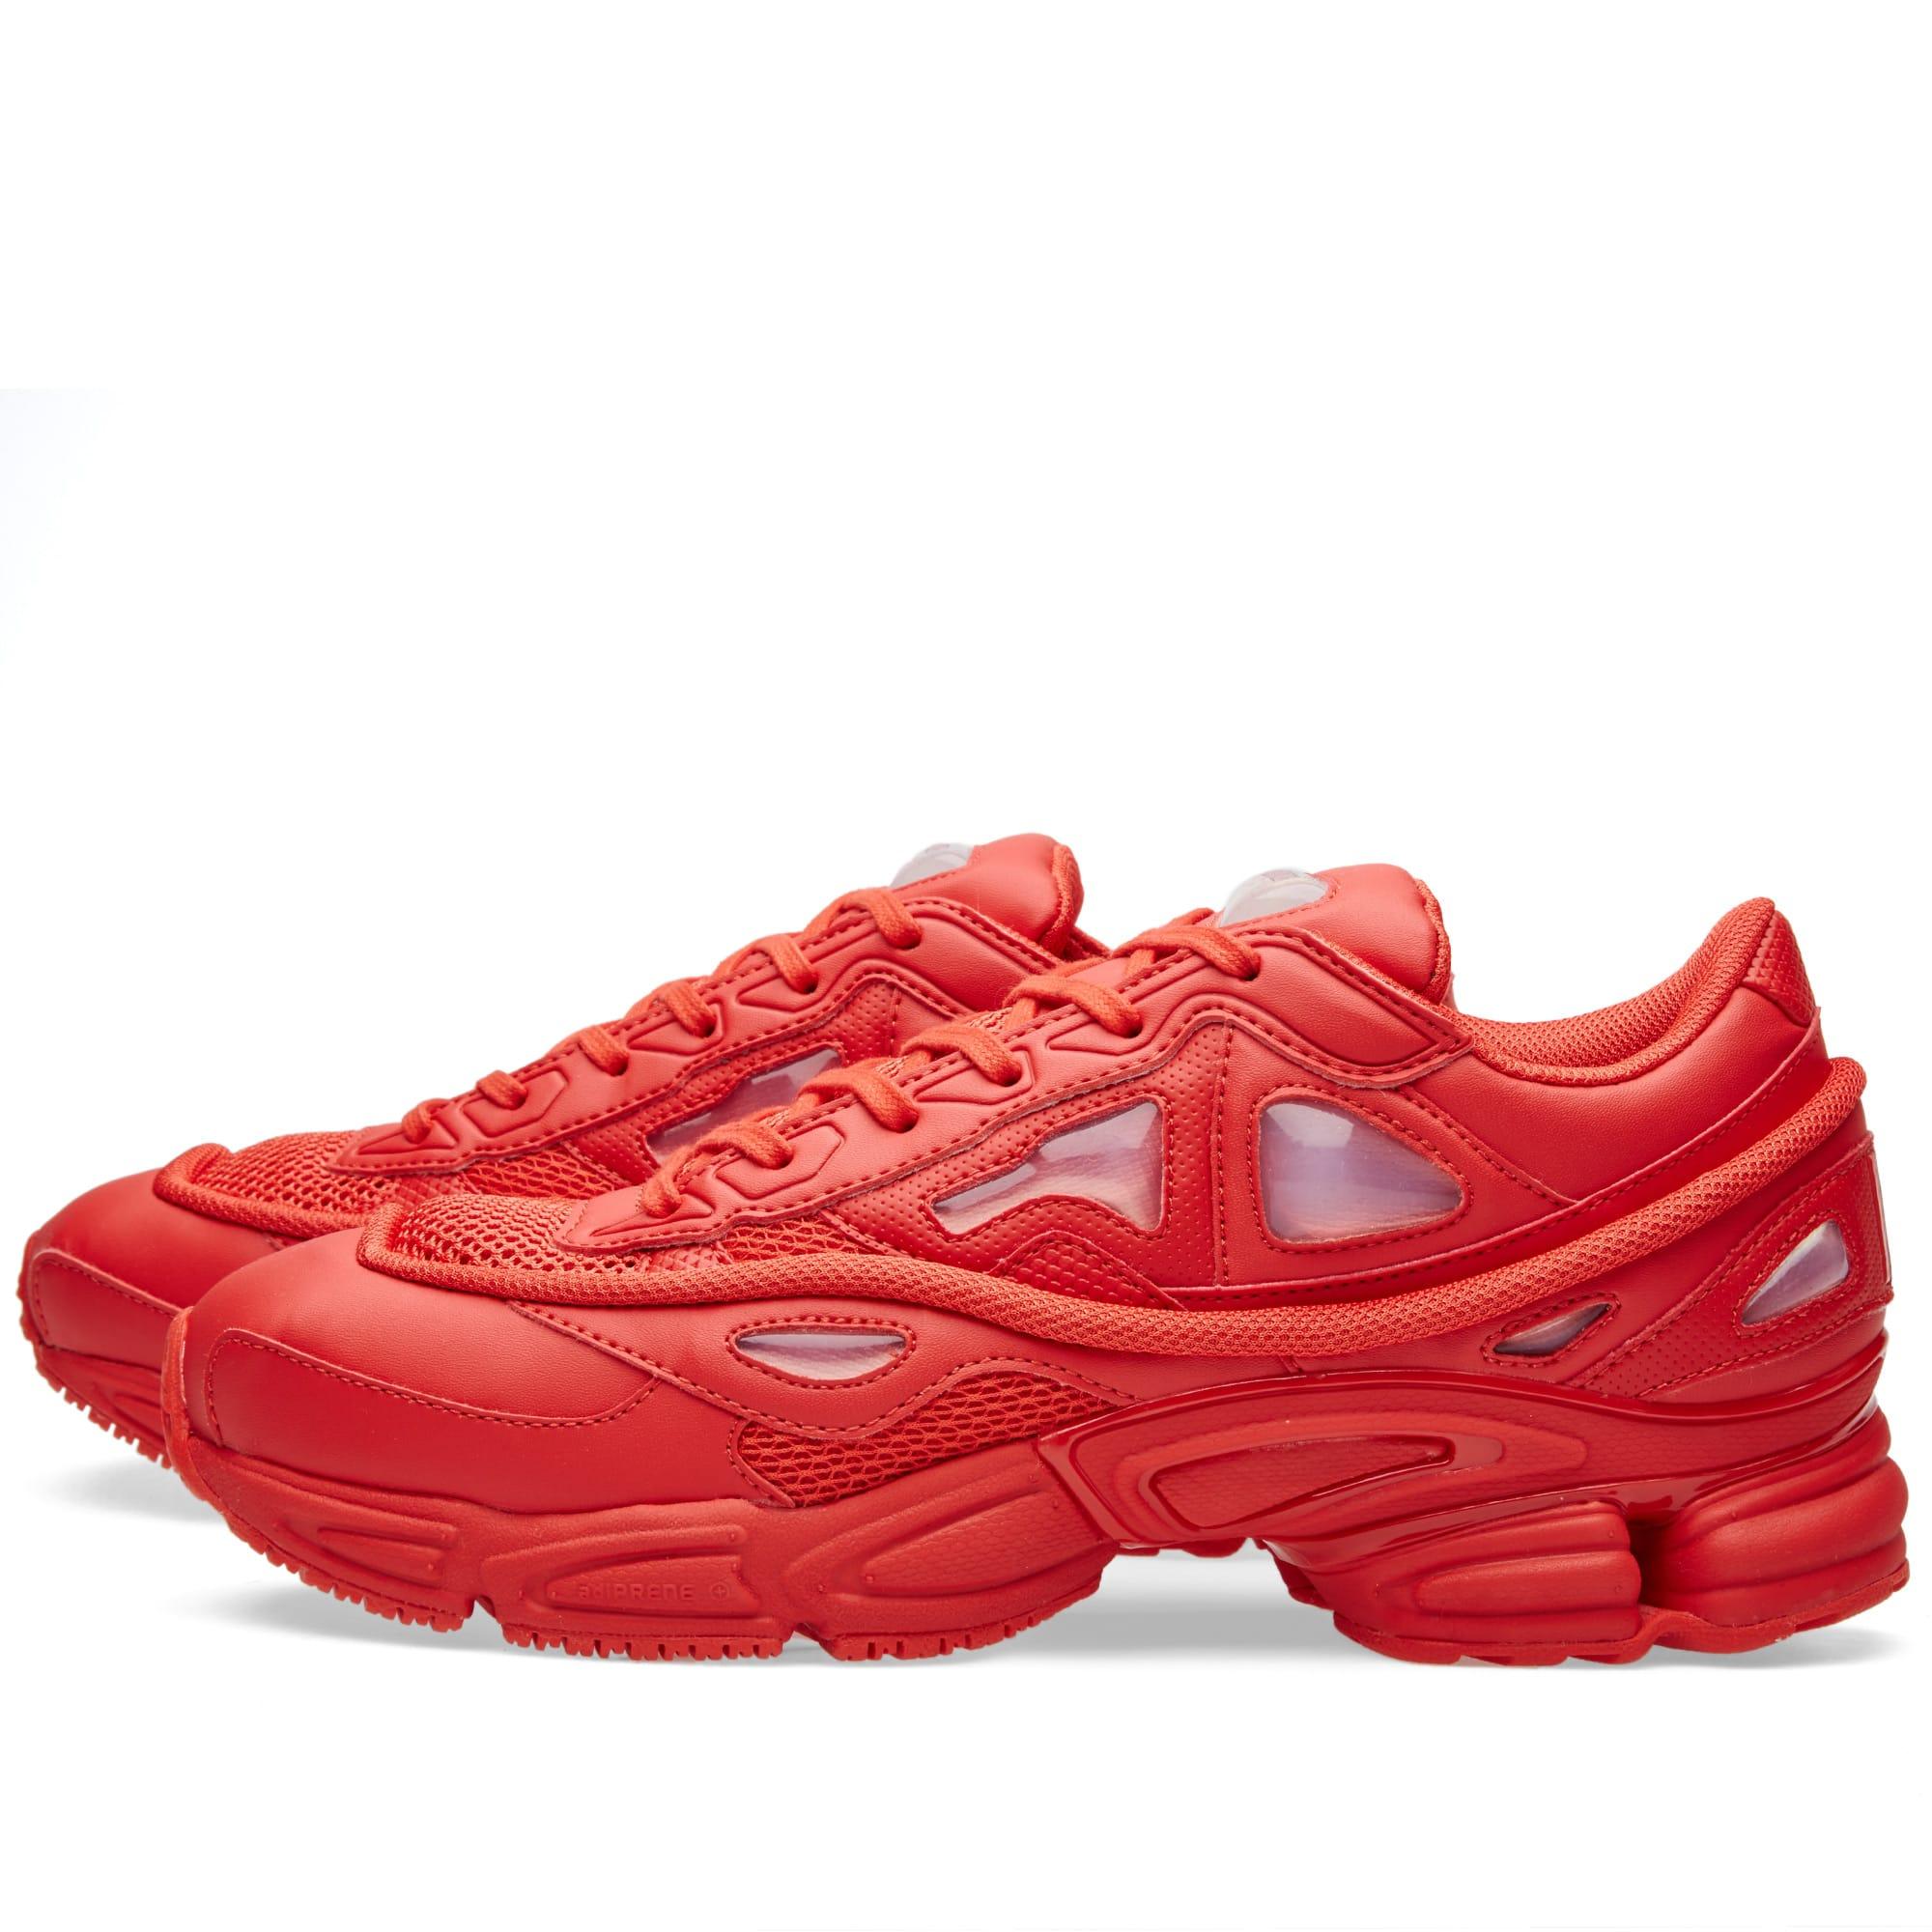 022505a98deb Adidas x Raf Simons Ozweego 2 Red